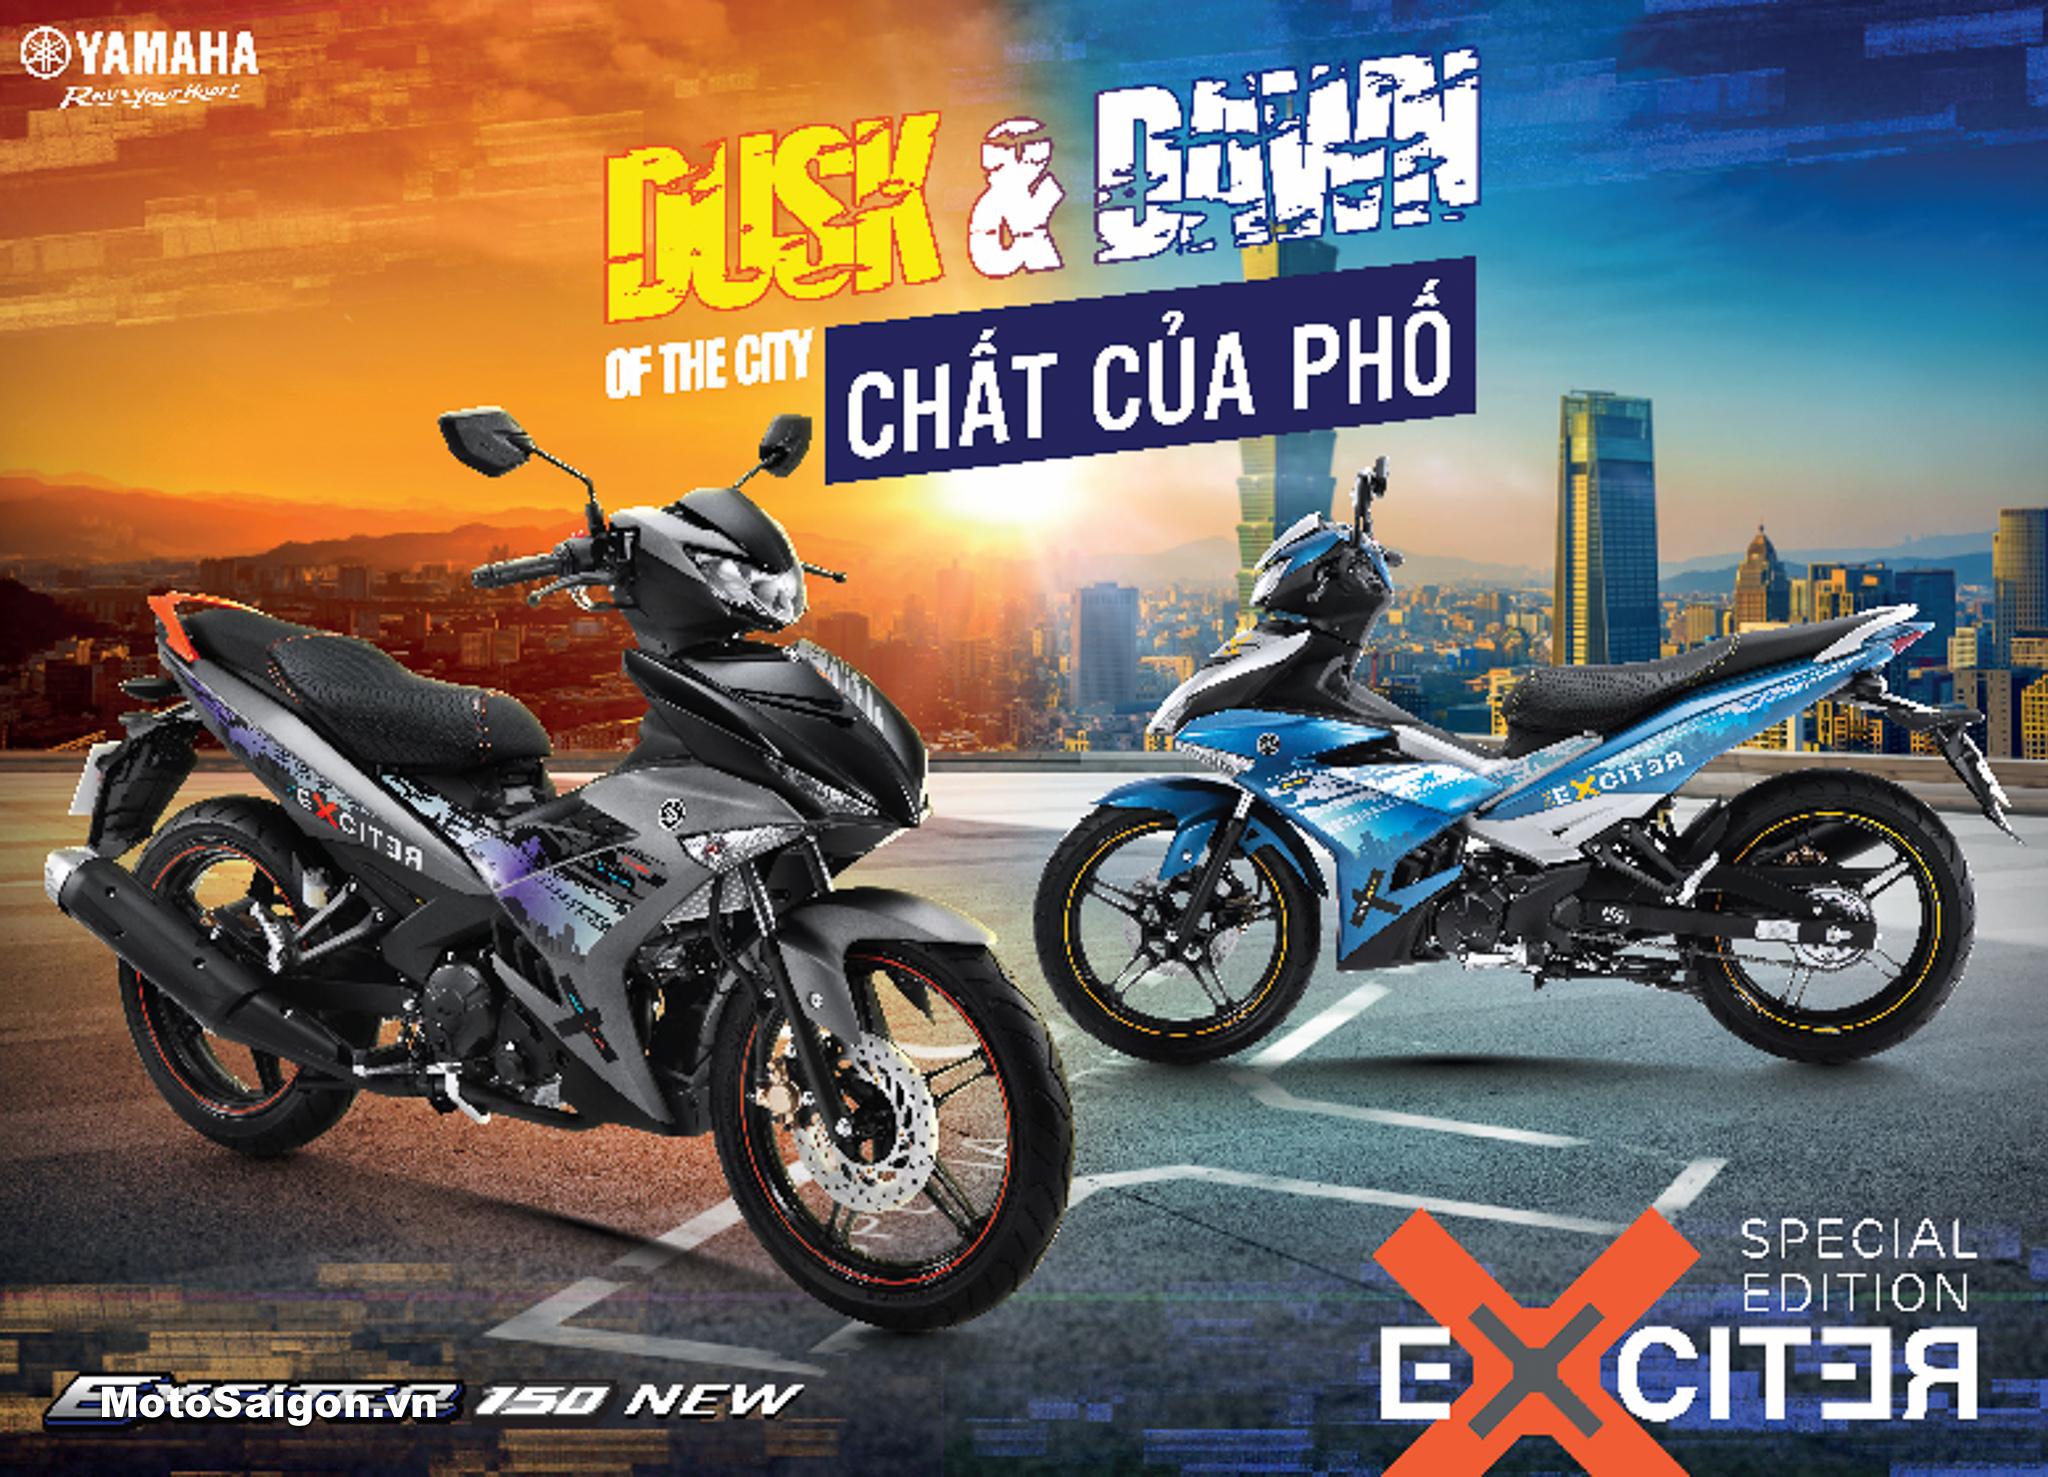 Yamaha Exciter 2019 mới không phải Exciter 155: phiên bản giới hạn đặc biệt Special Edition Dusk & Dawn